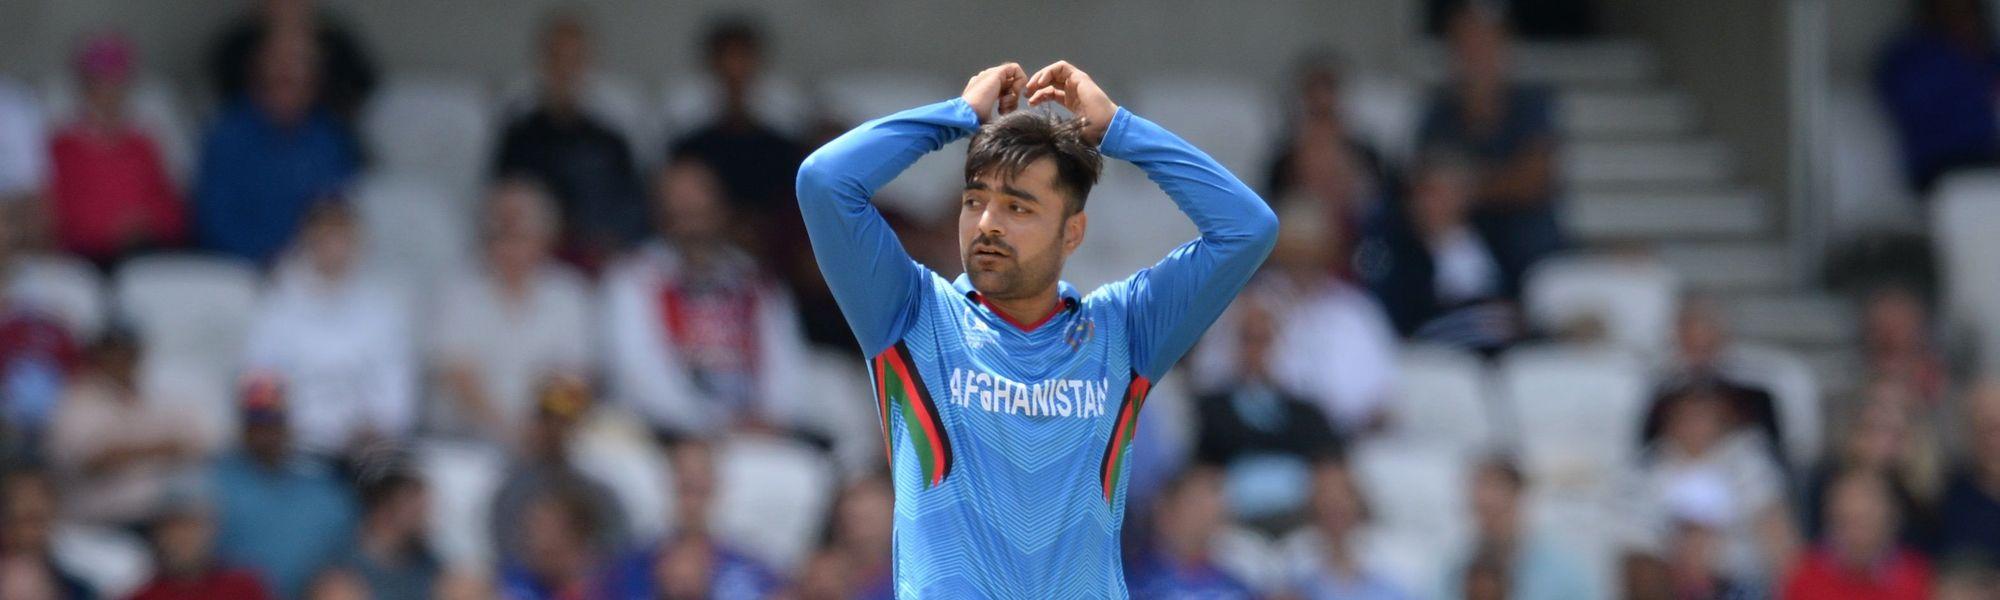 Rashid Khan (2)